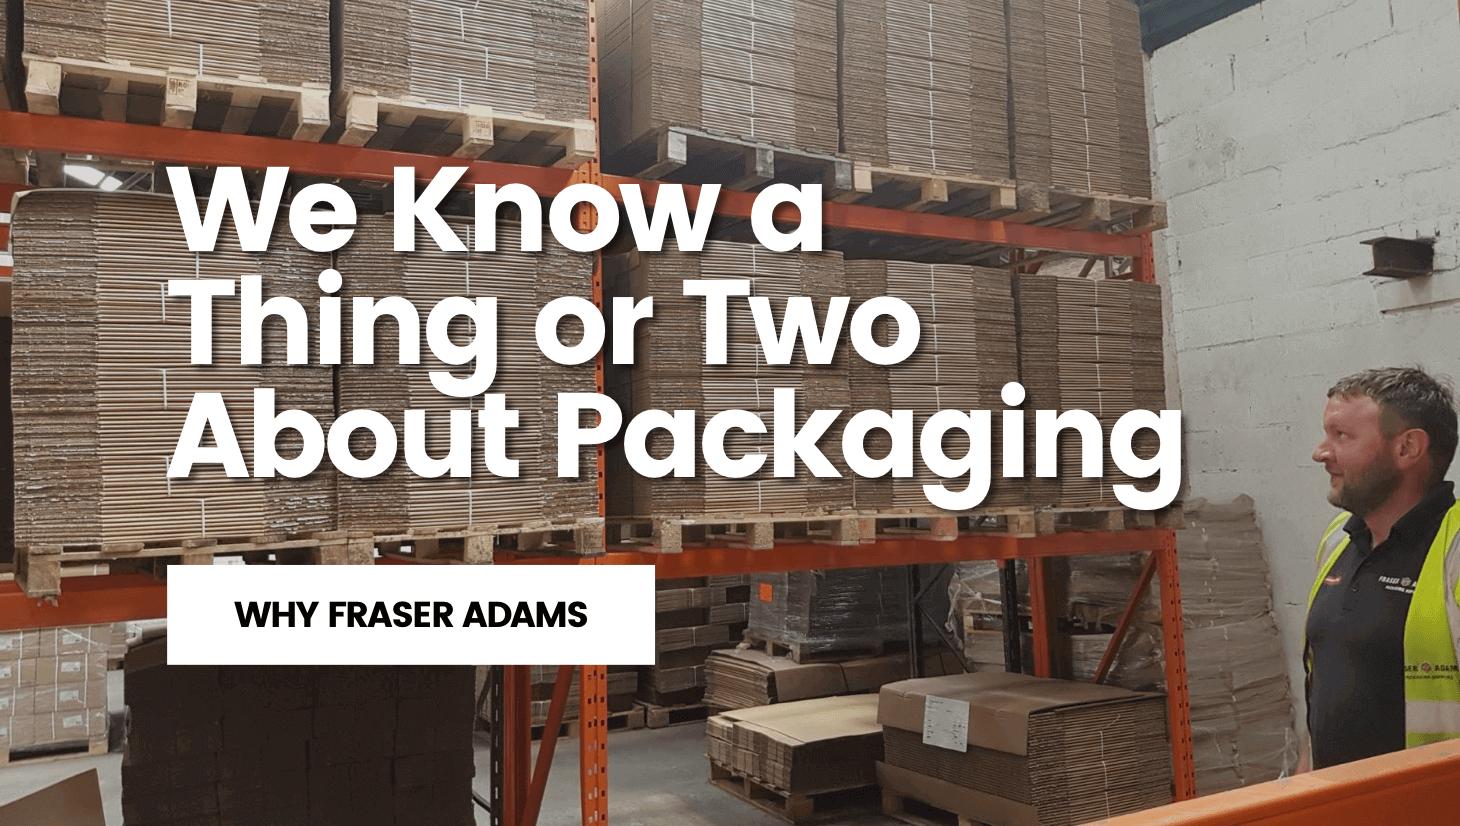 Why Fraser Adams?